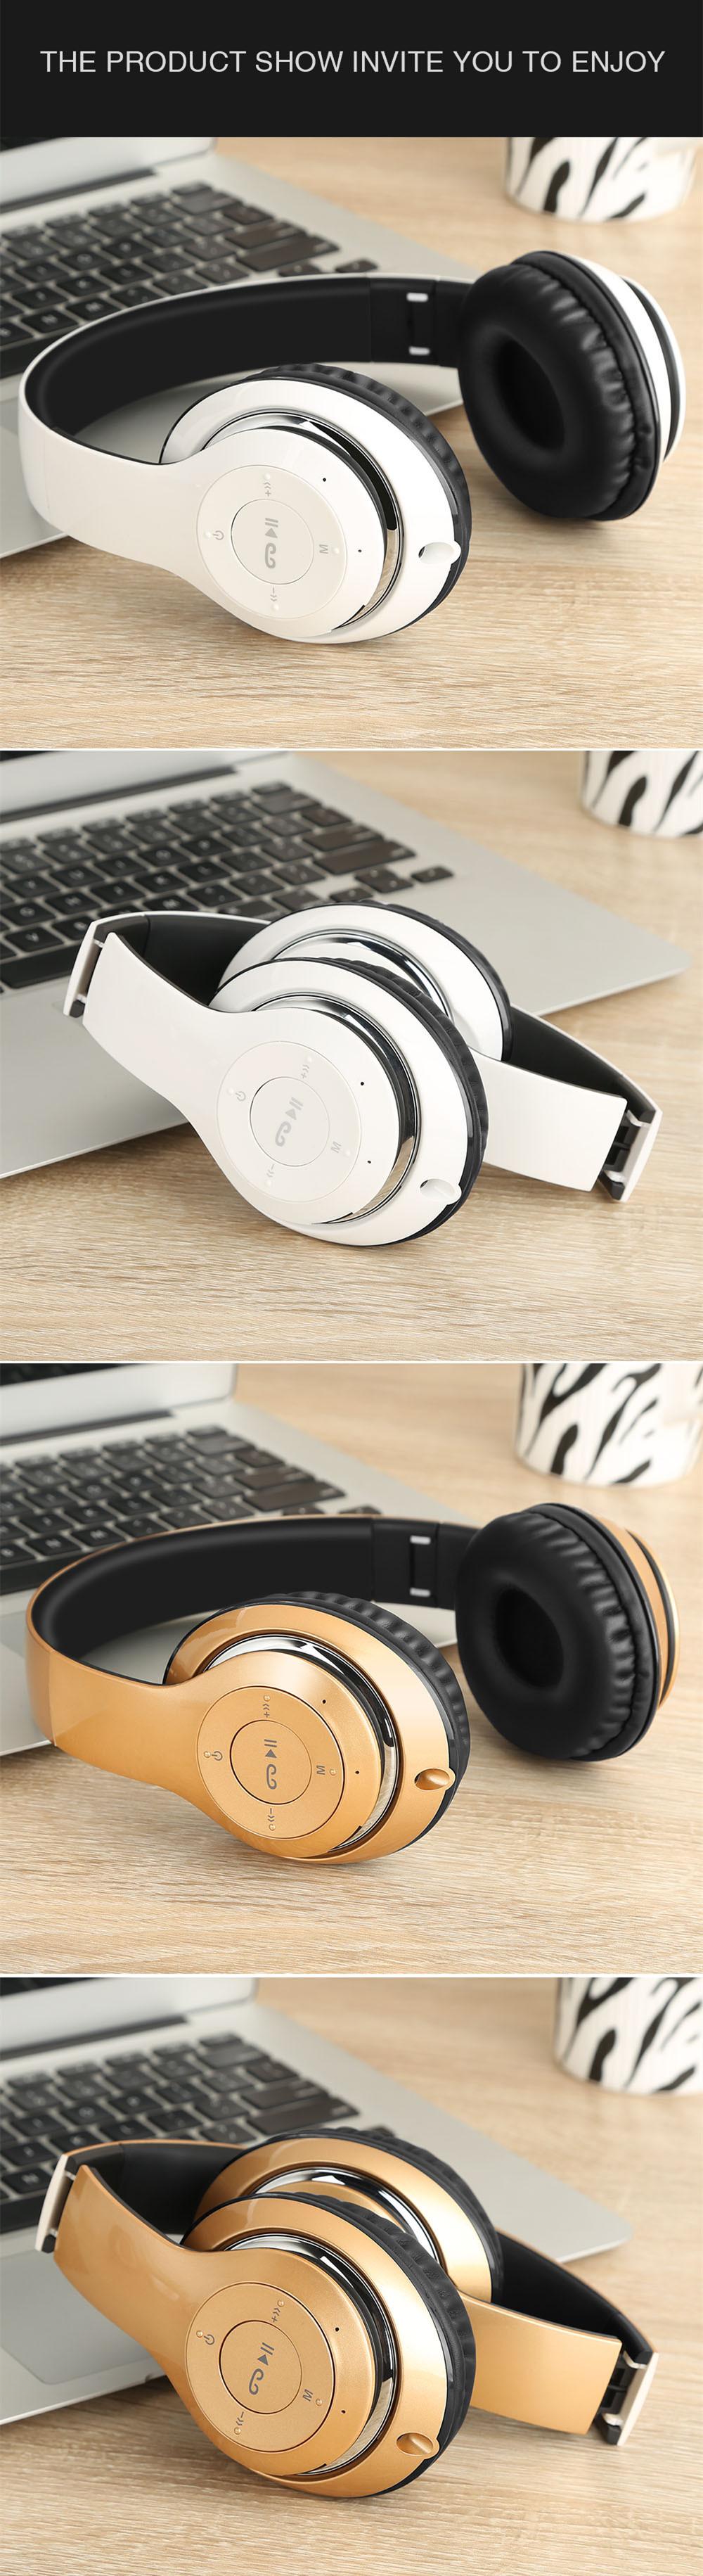 ถูก เสียงแหล่bt-09บลูทูธหูฟังสเตอริโอหูฟังไร้สายหูฟังพร้อมไมโครโฟนสนับสนุนtfการ์ดวิทยุfmสำหรับiphone samsung